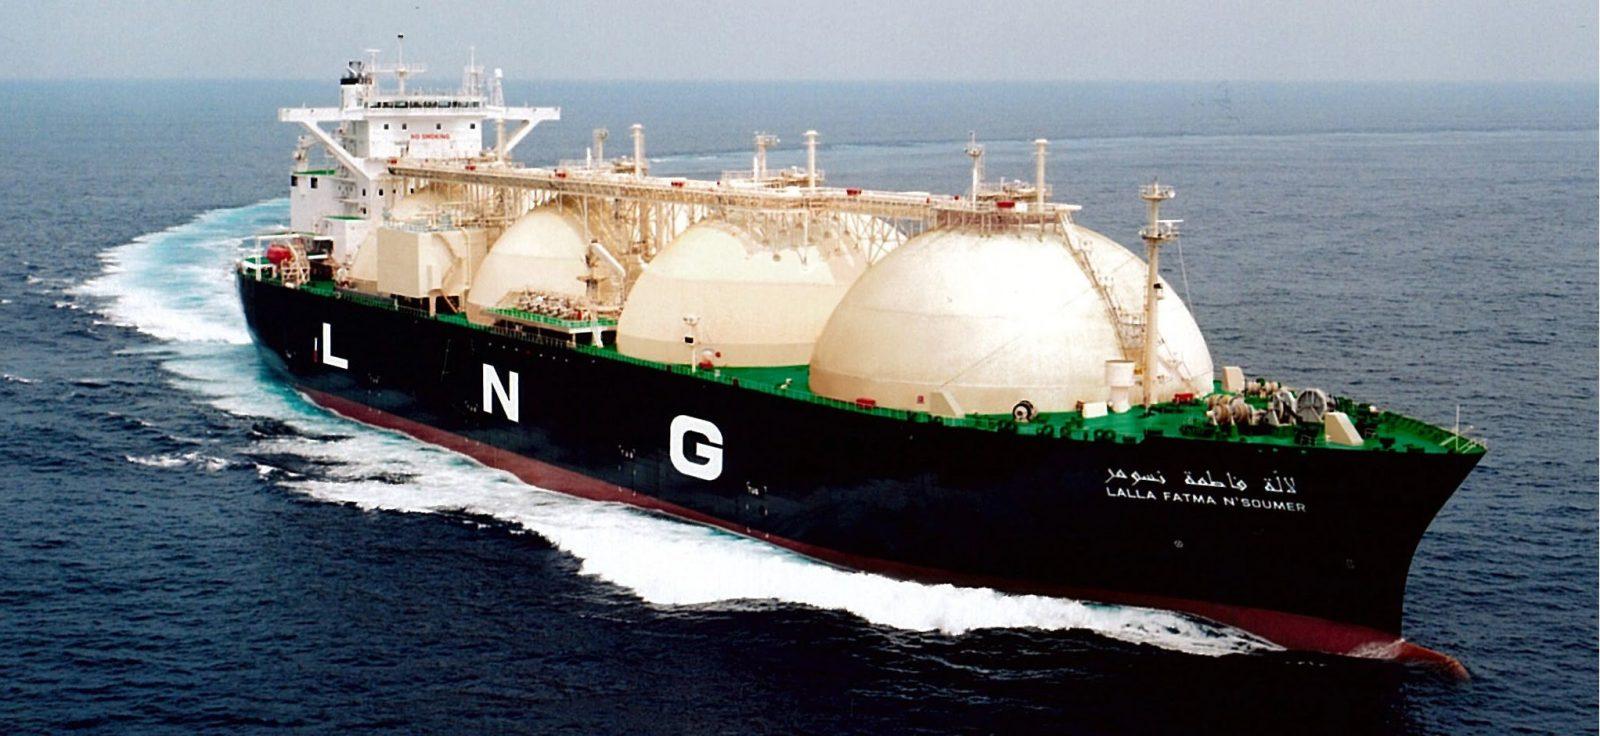 قناة السويس ترفع التخفيضات لناقلات الغاز إلى 25%.. والتطبيق أول أكتوبر - جريدة المال